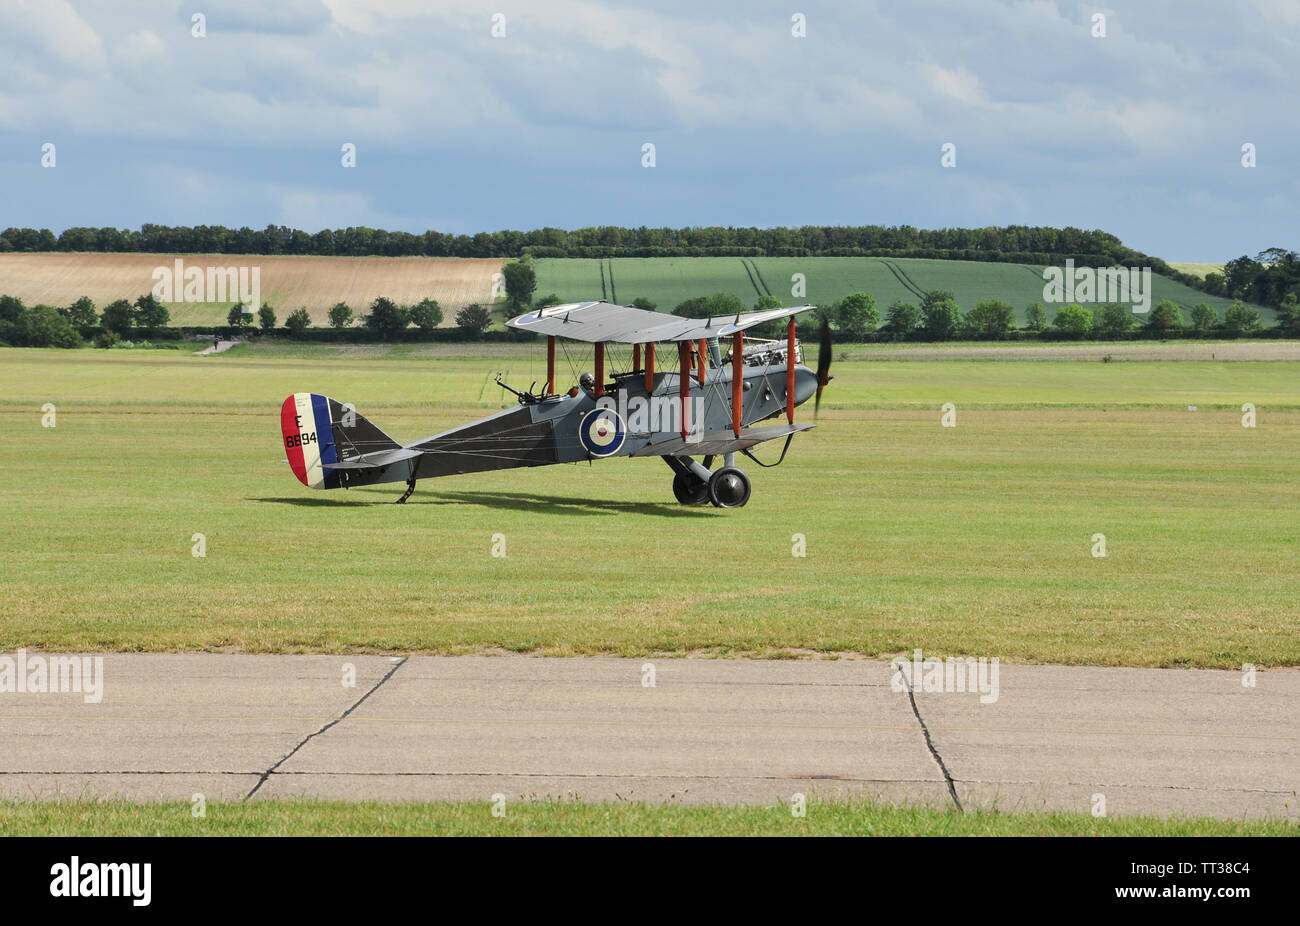 Airco / De Havilland DH-9 (E-8894) about to take off, Duxford, Cambridgeshire, England, UK. - Stock Image